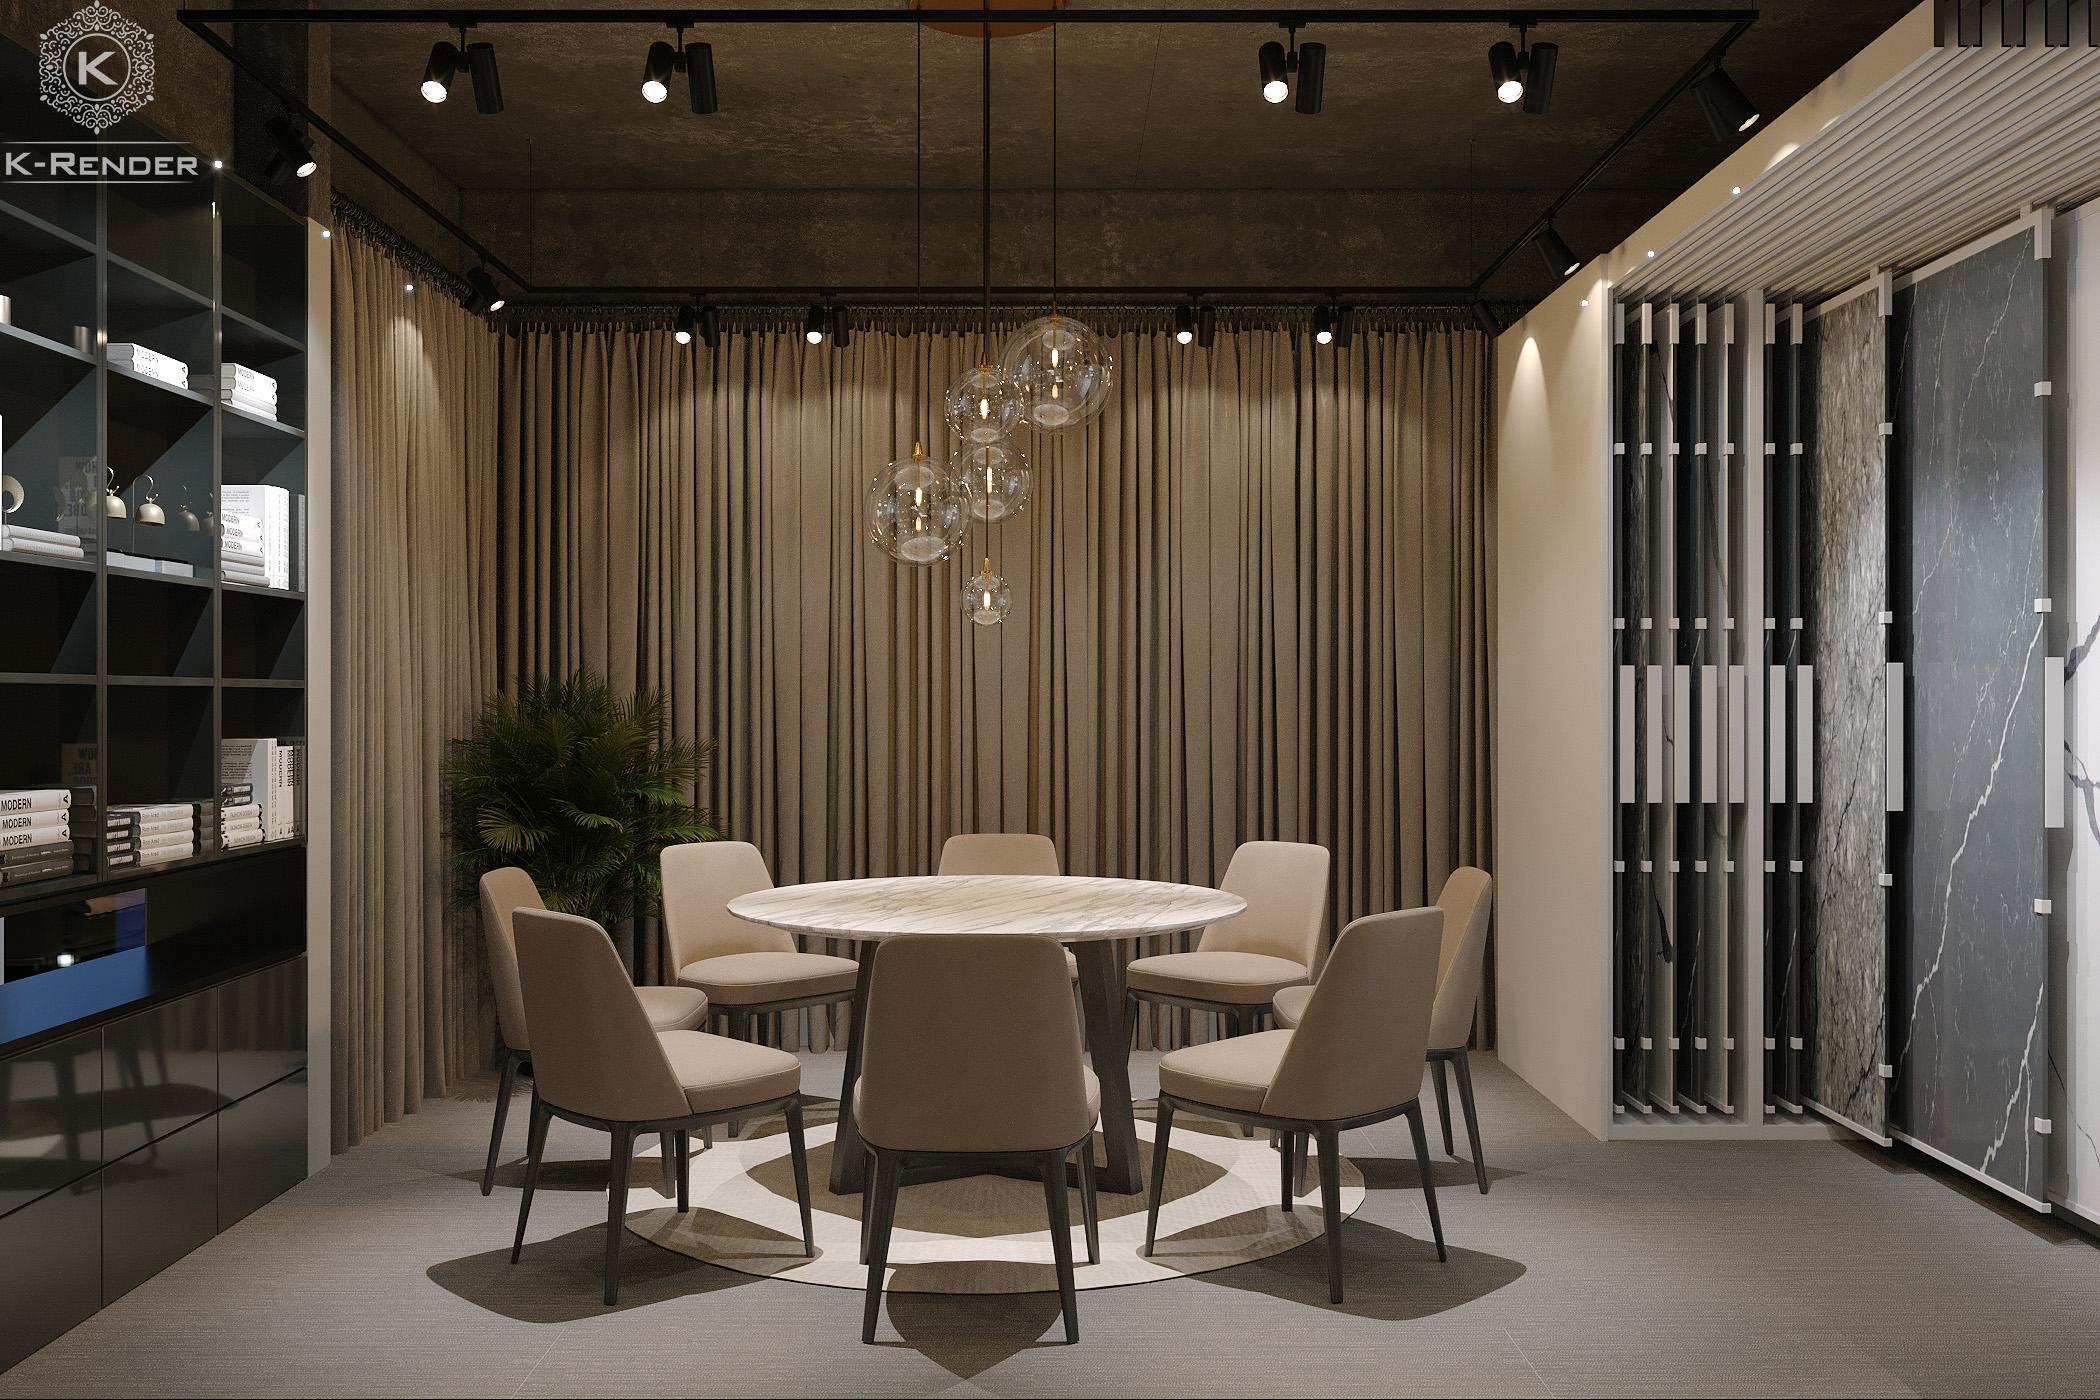 the-new-kenli-showroom-project-by-k-render-studio-24